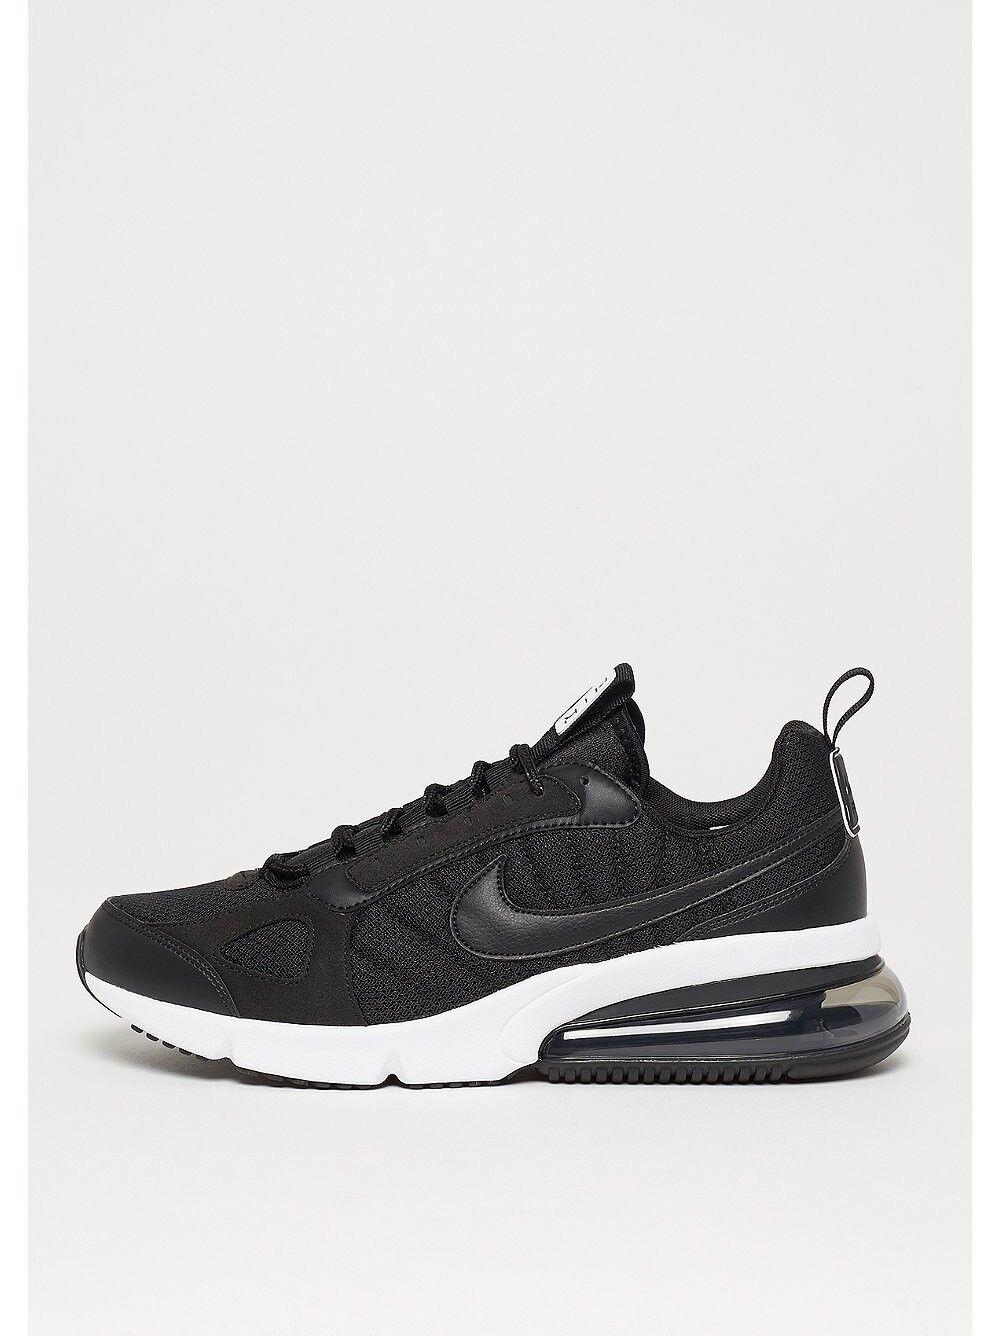 Basket Nike Air Max 270 size 46 neuf et authentique shoes